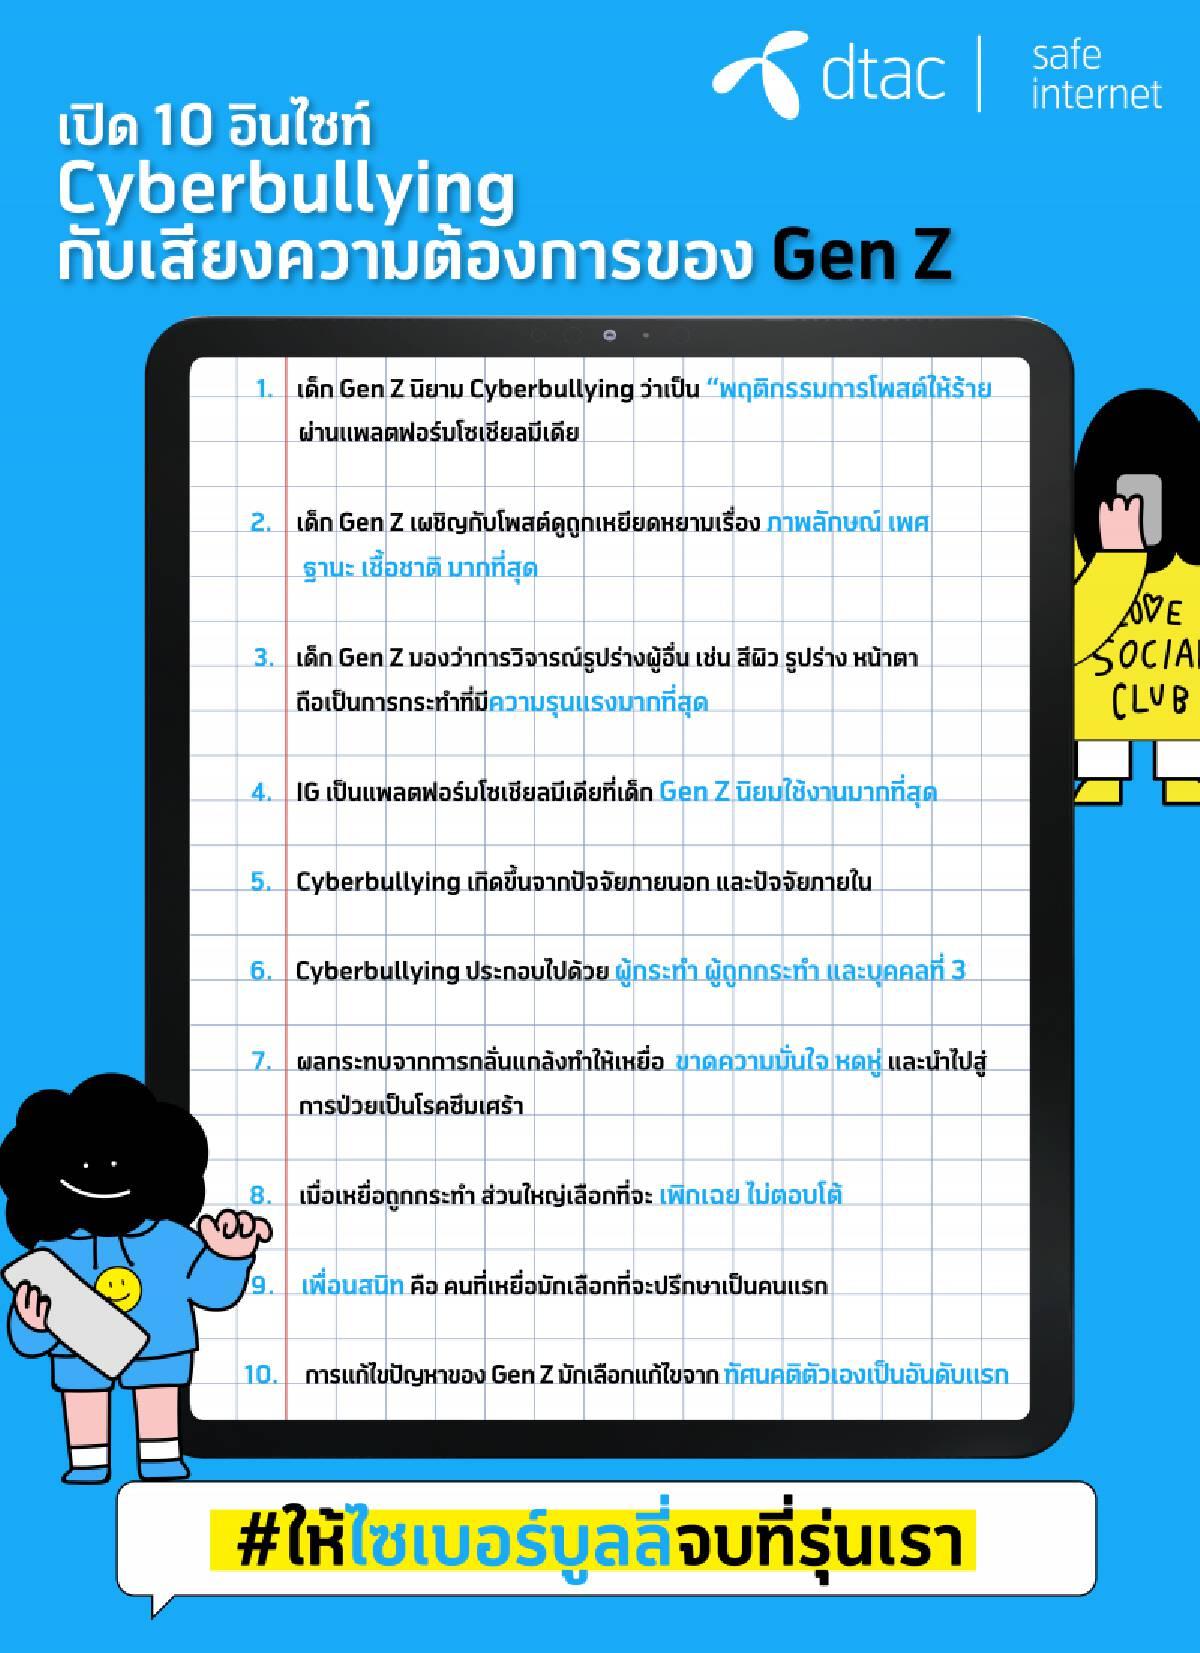 10 อินไซด์ Cyberbullying ความบอบช้ำของเด็ก Gen Z